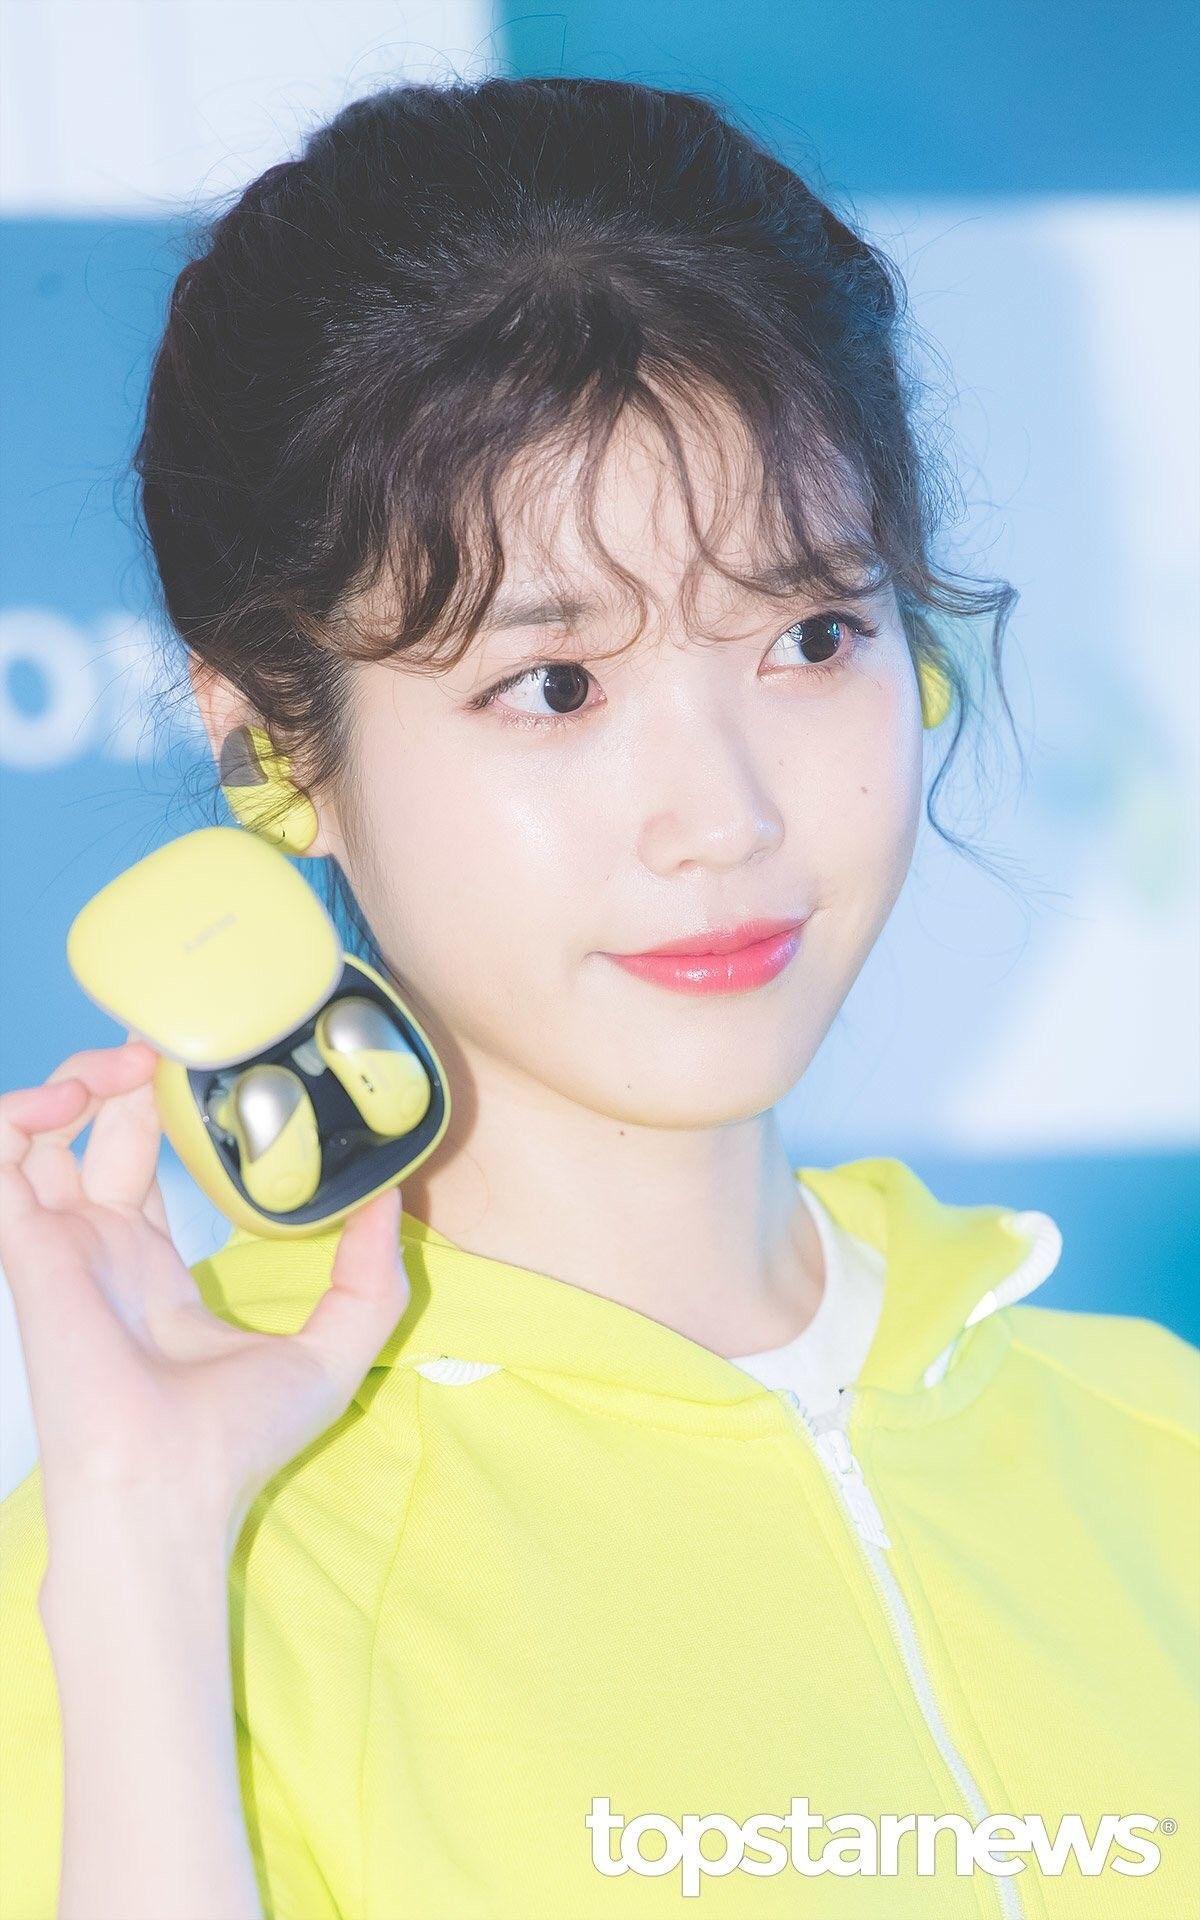 Iu 180523 Sony Korea Earphone Event Https Www Sunglassessmall Us Korean Celebrities Korean Singer Asia Girl